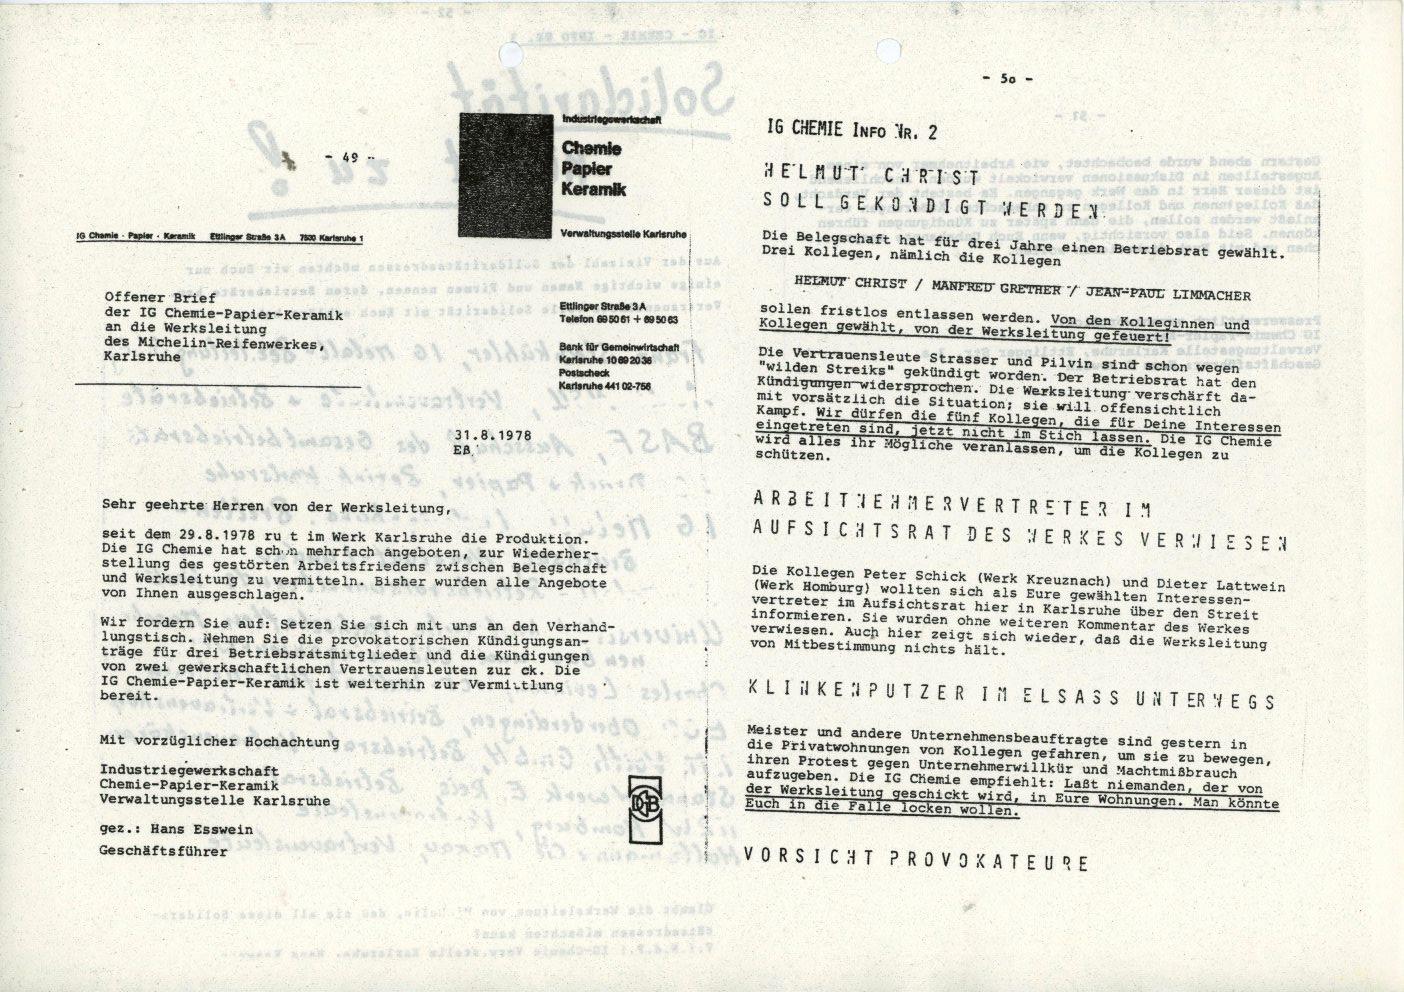 Karlsruhe_Michelin_IGCPK_Doku_zum_Arbeitskonflikt_1978_24